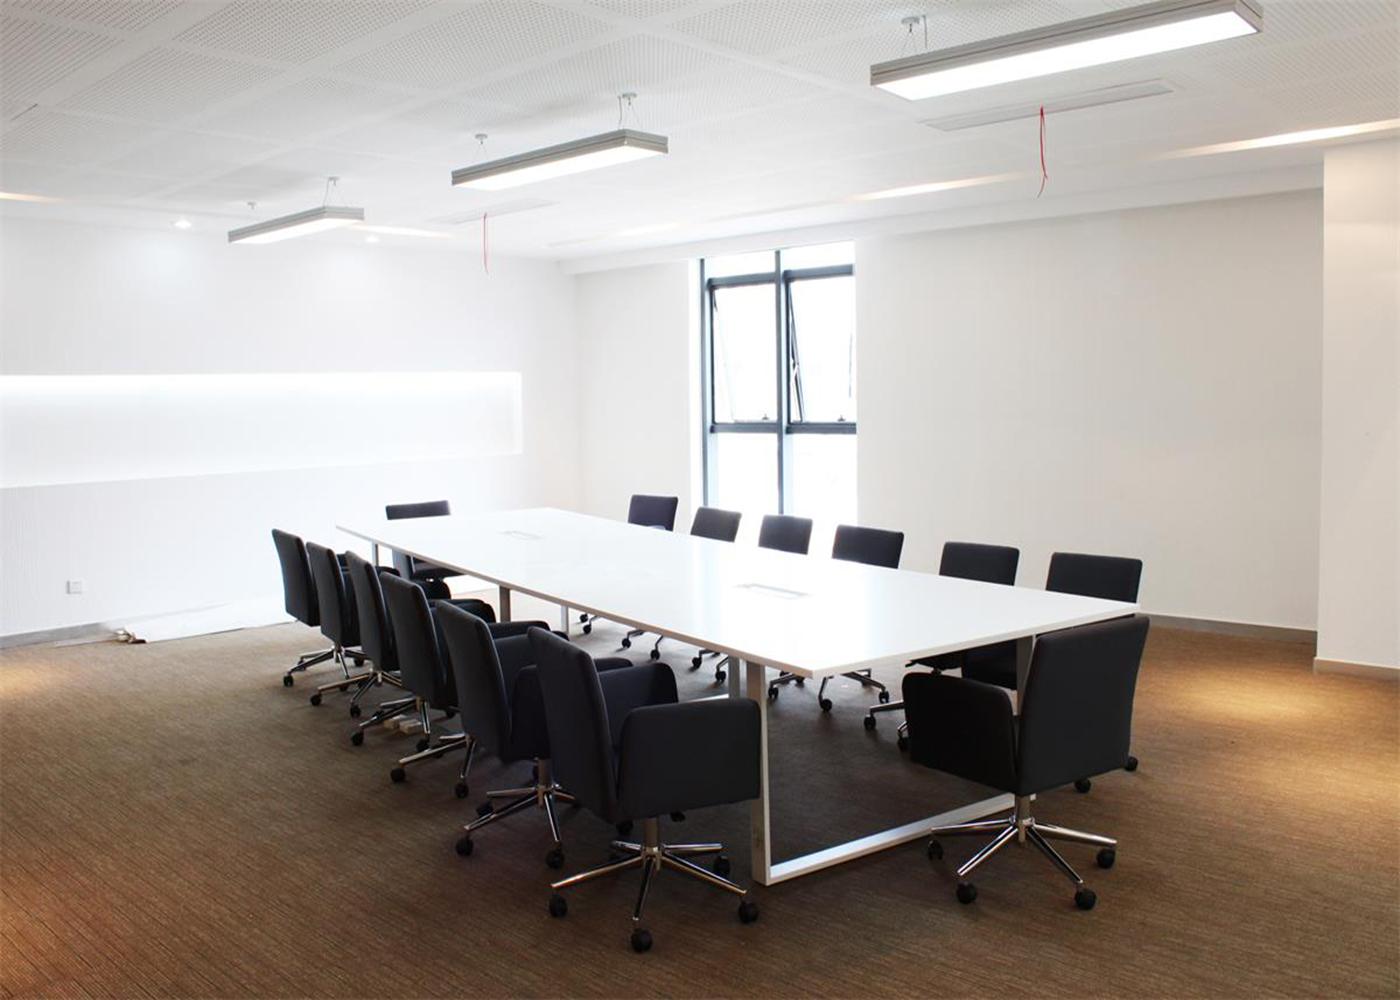 雷蒂斯会议桌A23,上海会议桌,【尺寸 价格 图片 品牌】